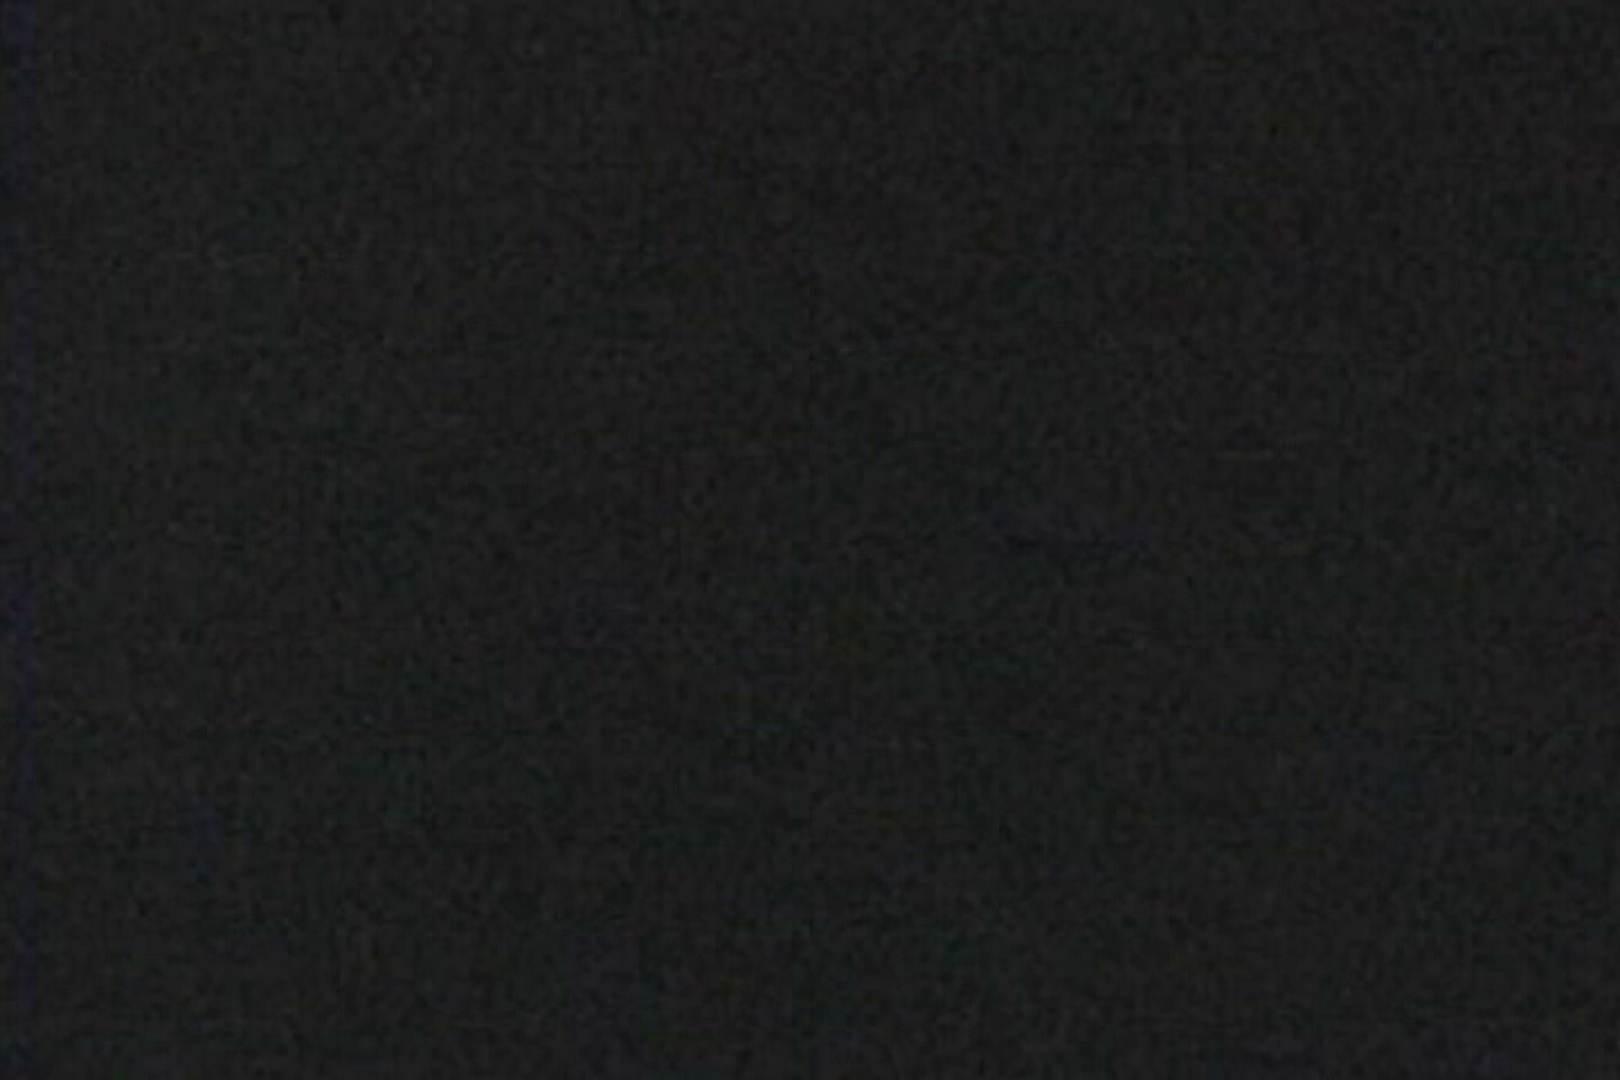 蔵出し!!赤外線カーセックスVol.25 セックス  86pic 72